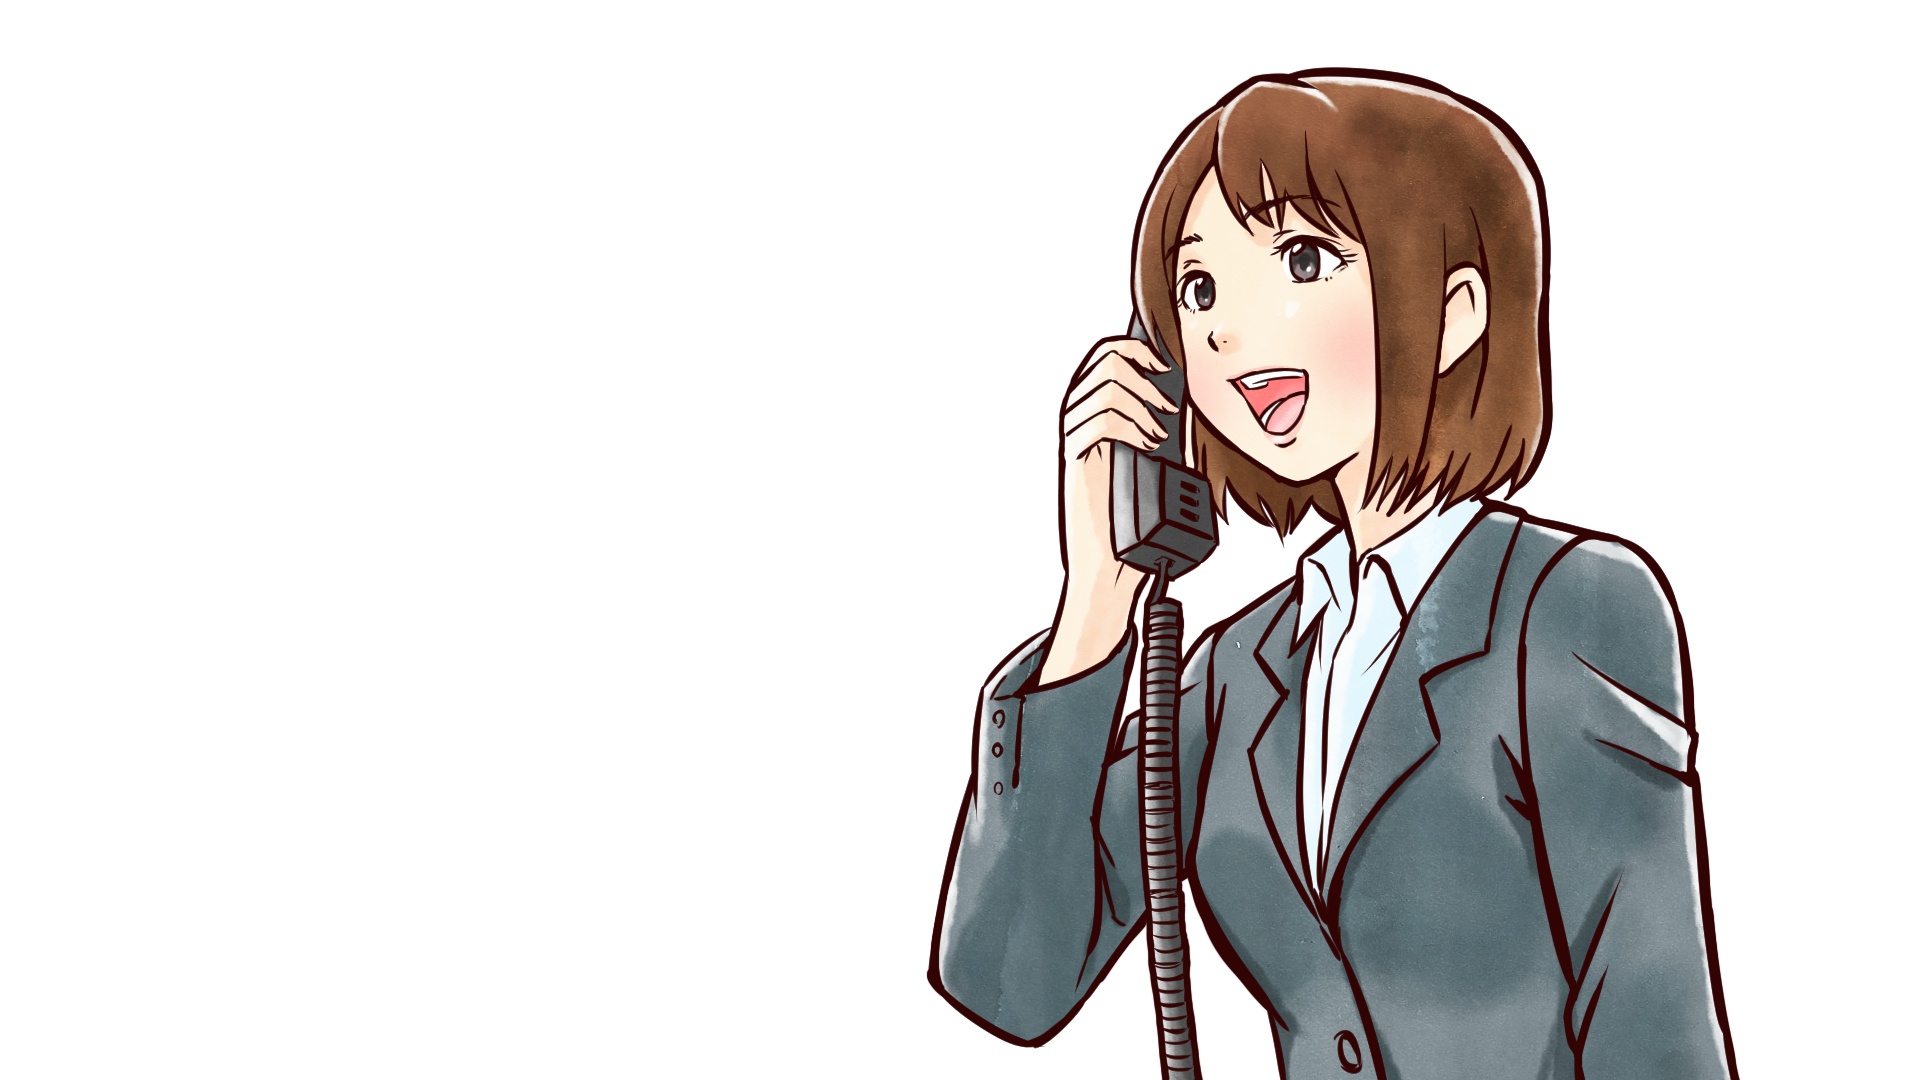 電話に元気に応えるスーツ姿の若い社会人女性・olのフリーイラスト画像